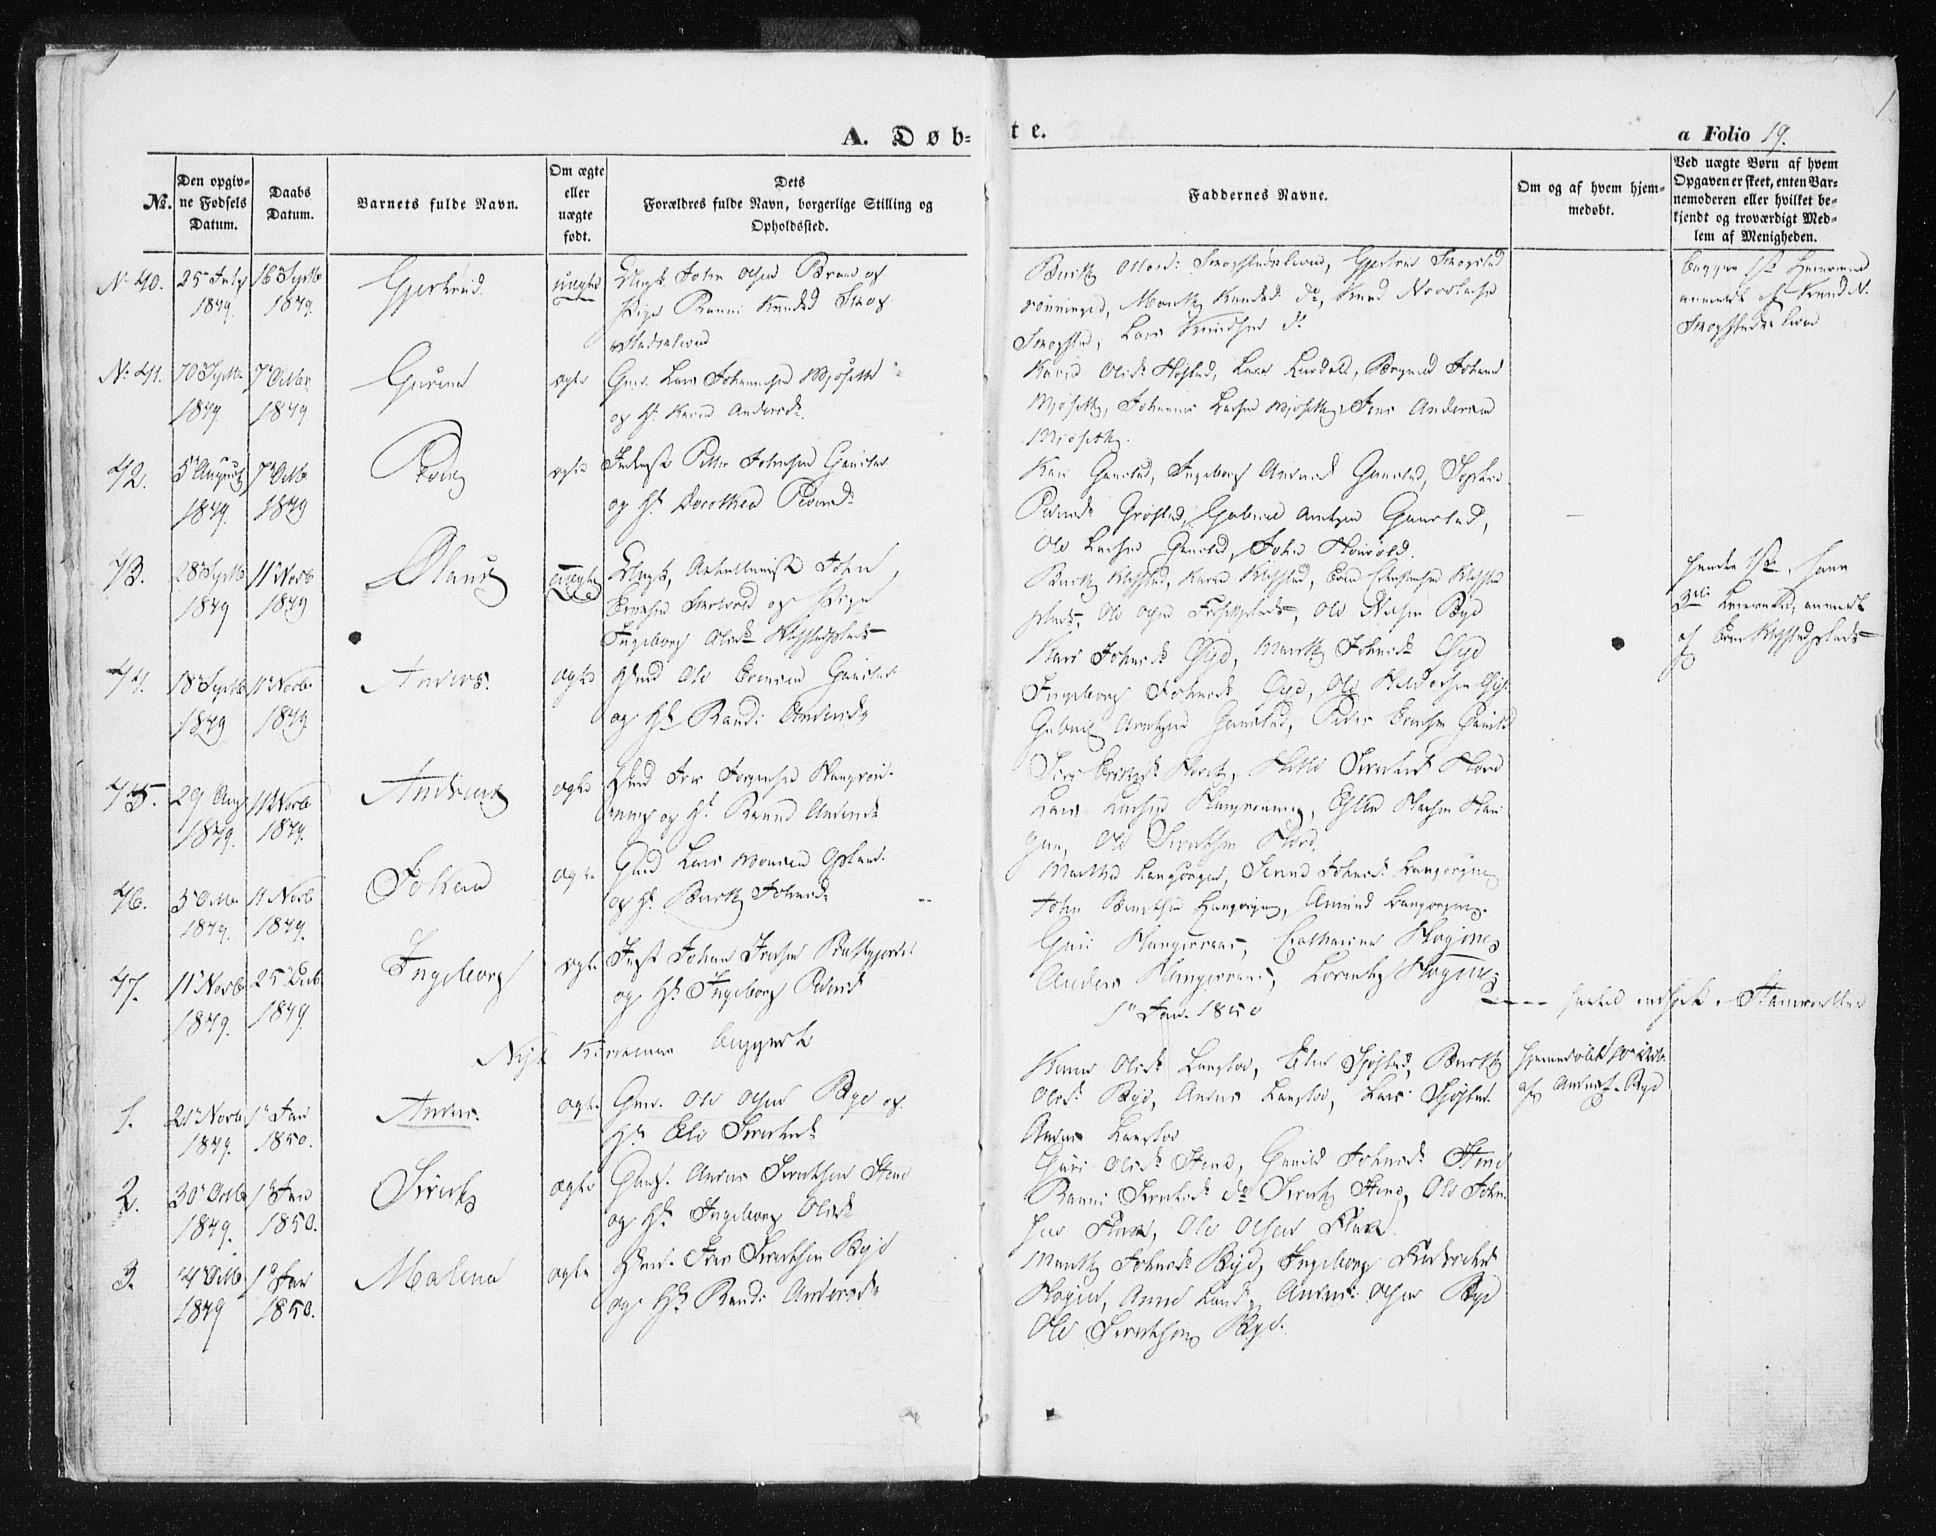 SAT, Ministerialprotokoller, klokkerbøker og fødselsregistre - Sør-Trøndelag, 612/L0376: Ministerialbok nr. 612A08, 1846-1859, s. 19